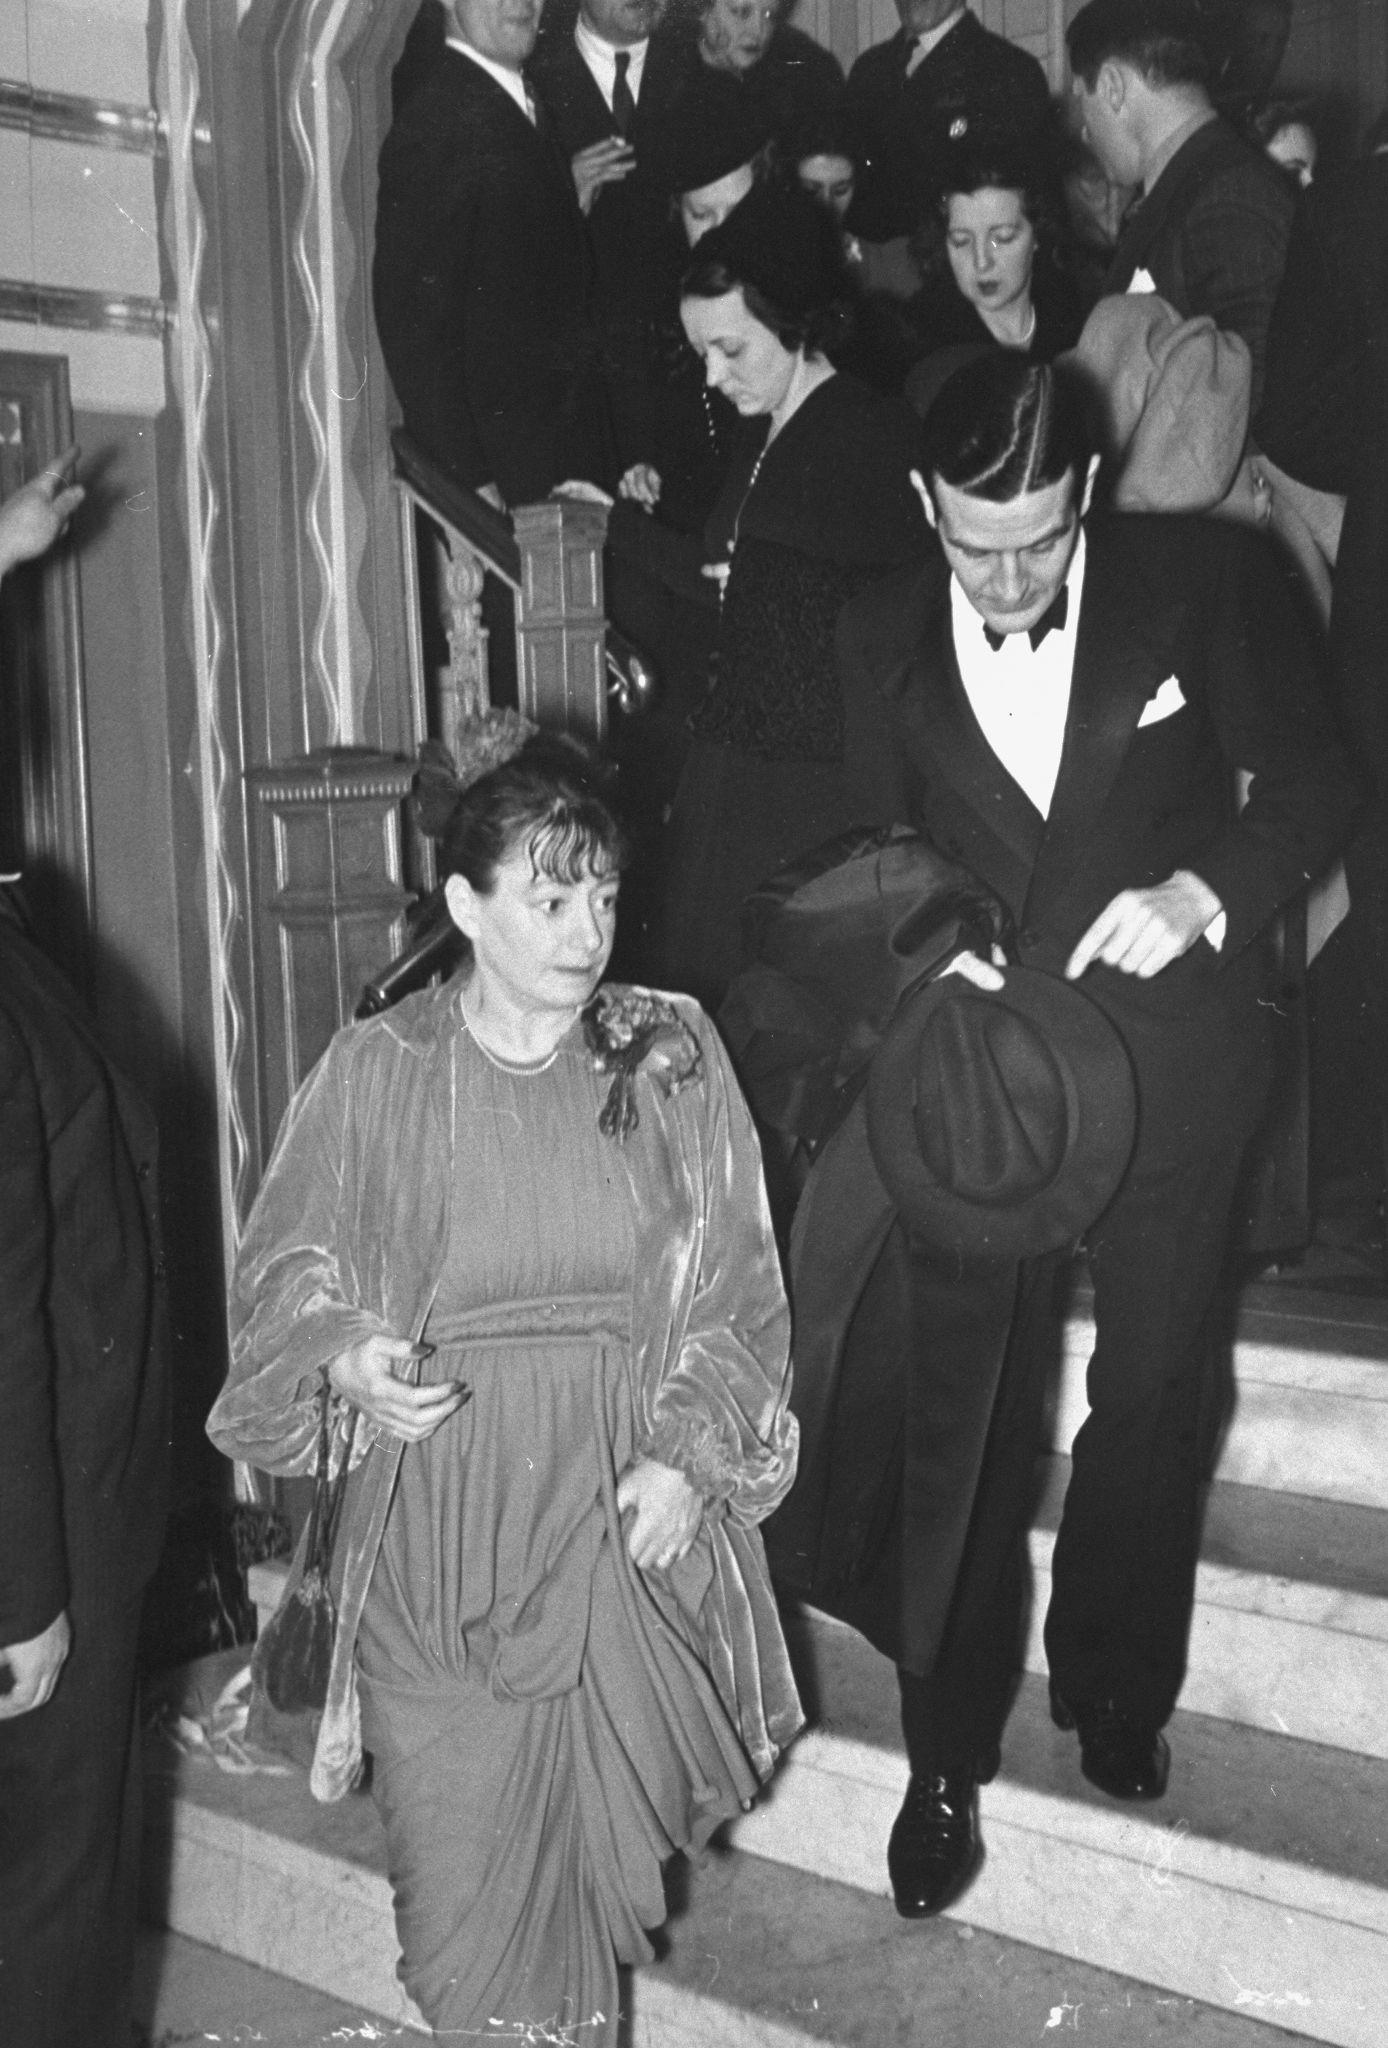 1938. Писательница Дороти Паркер с мужем Аланом Кэмпбеллом покидает новогоднюю вечеринку в Webster Hall.jpg